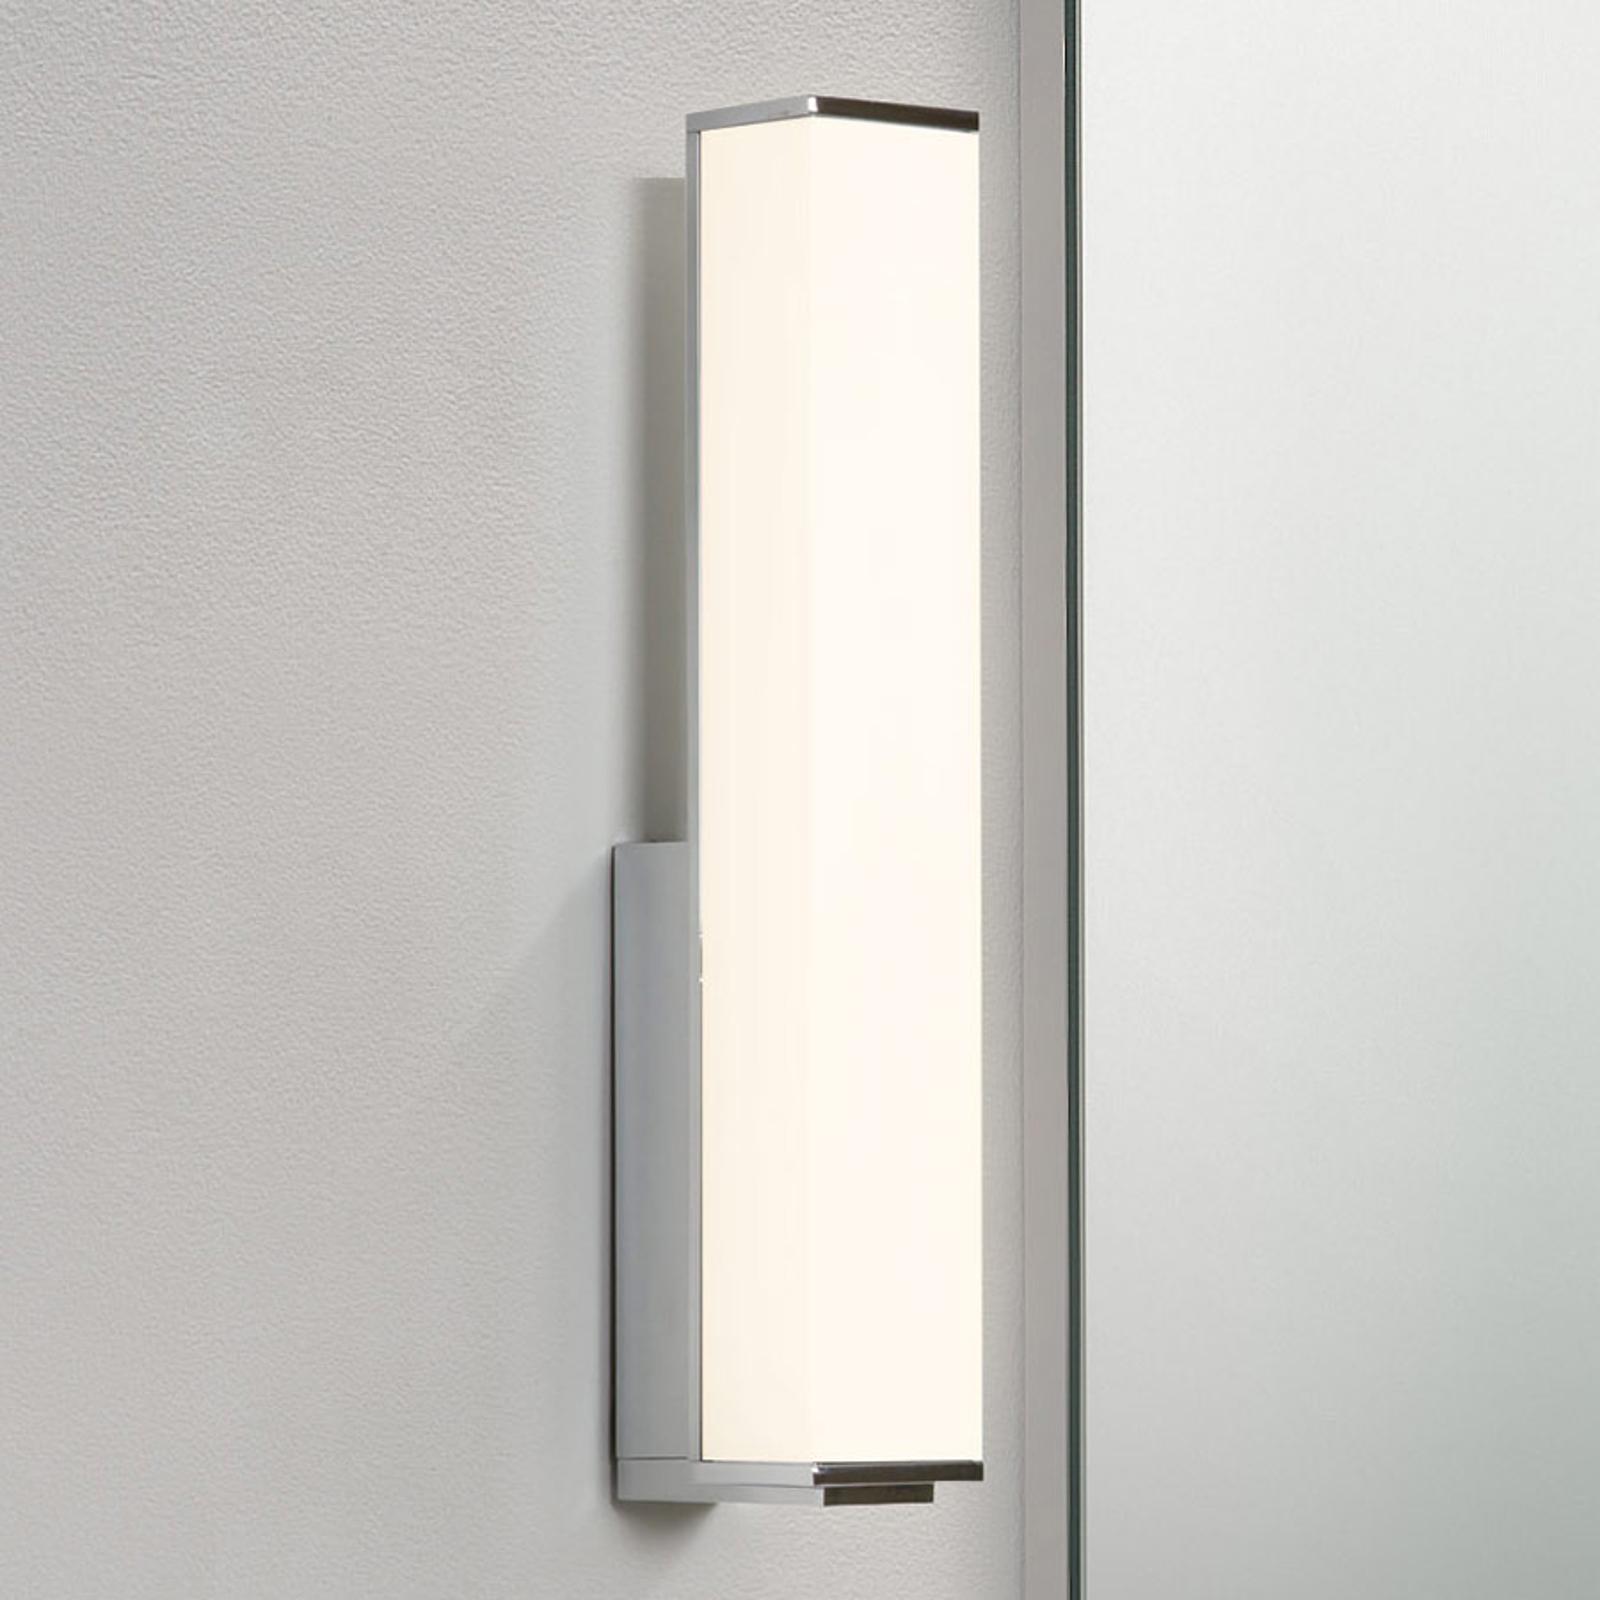 Oświetlenie lustra LED KARLA do łazienki